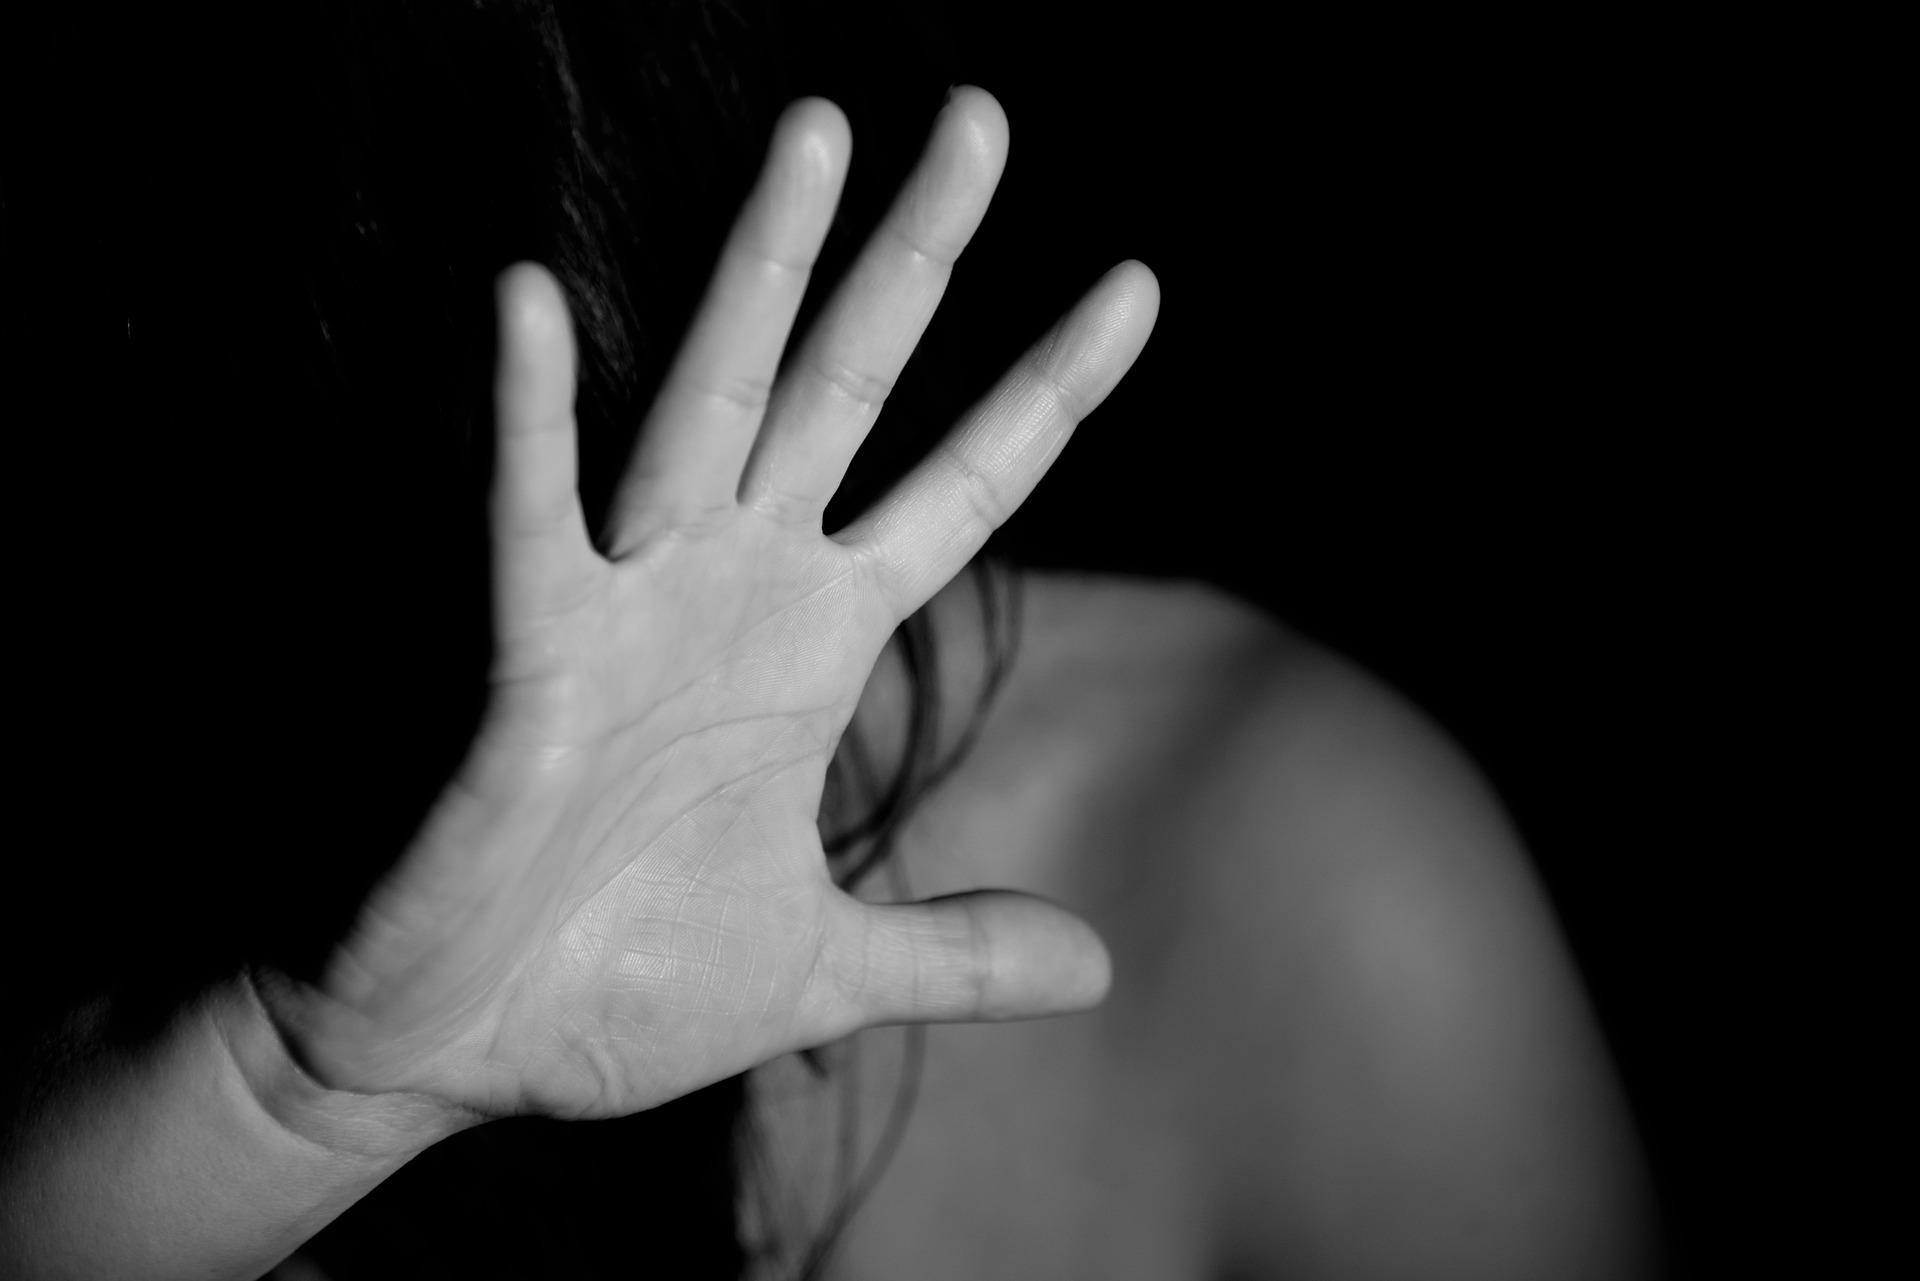 Violencia sexual: para no denunciar, nos sobran los motivos